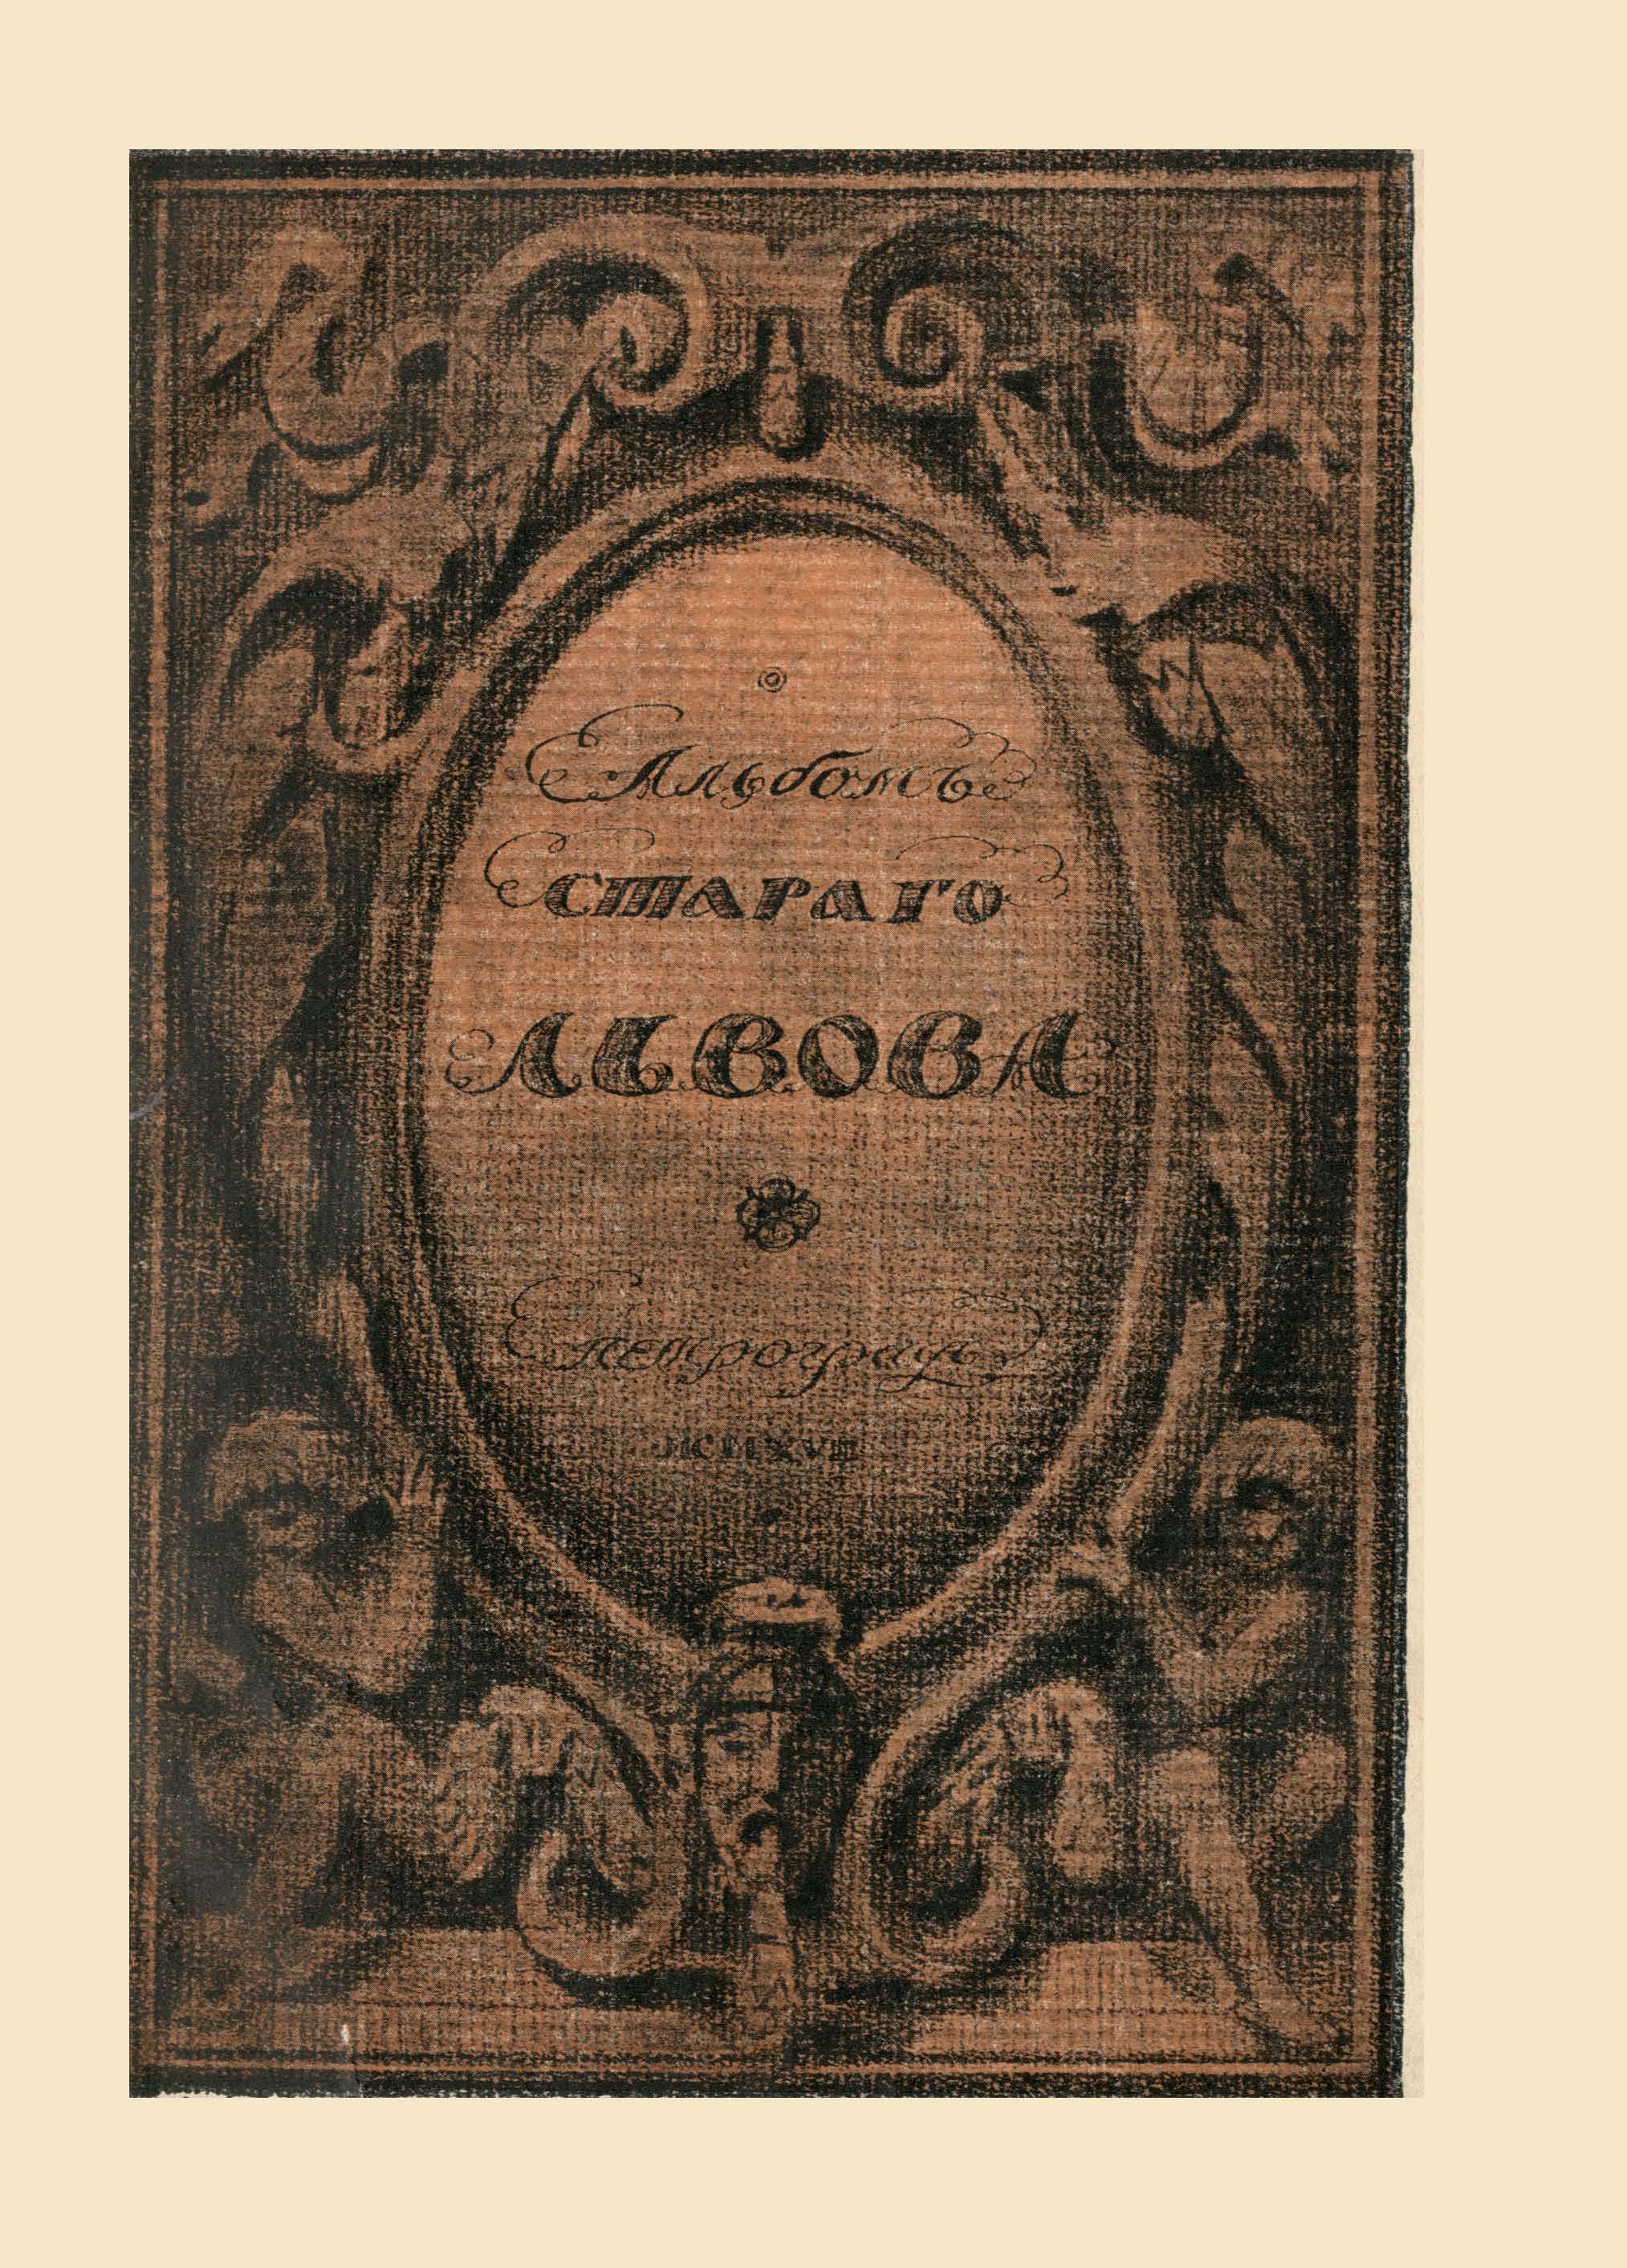 Альбом старого Львова. Верещагин В. 1917_7